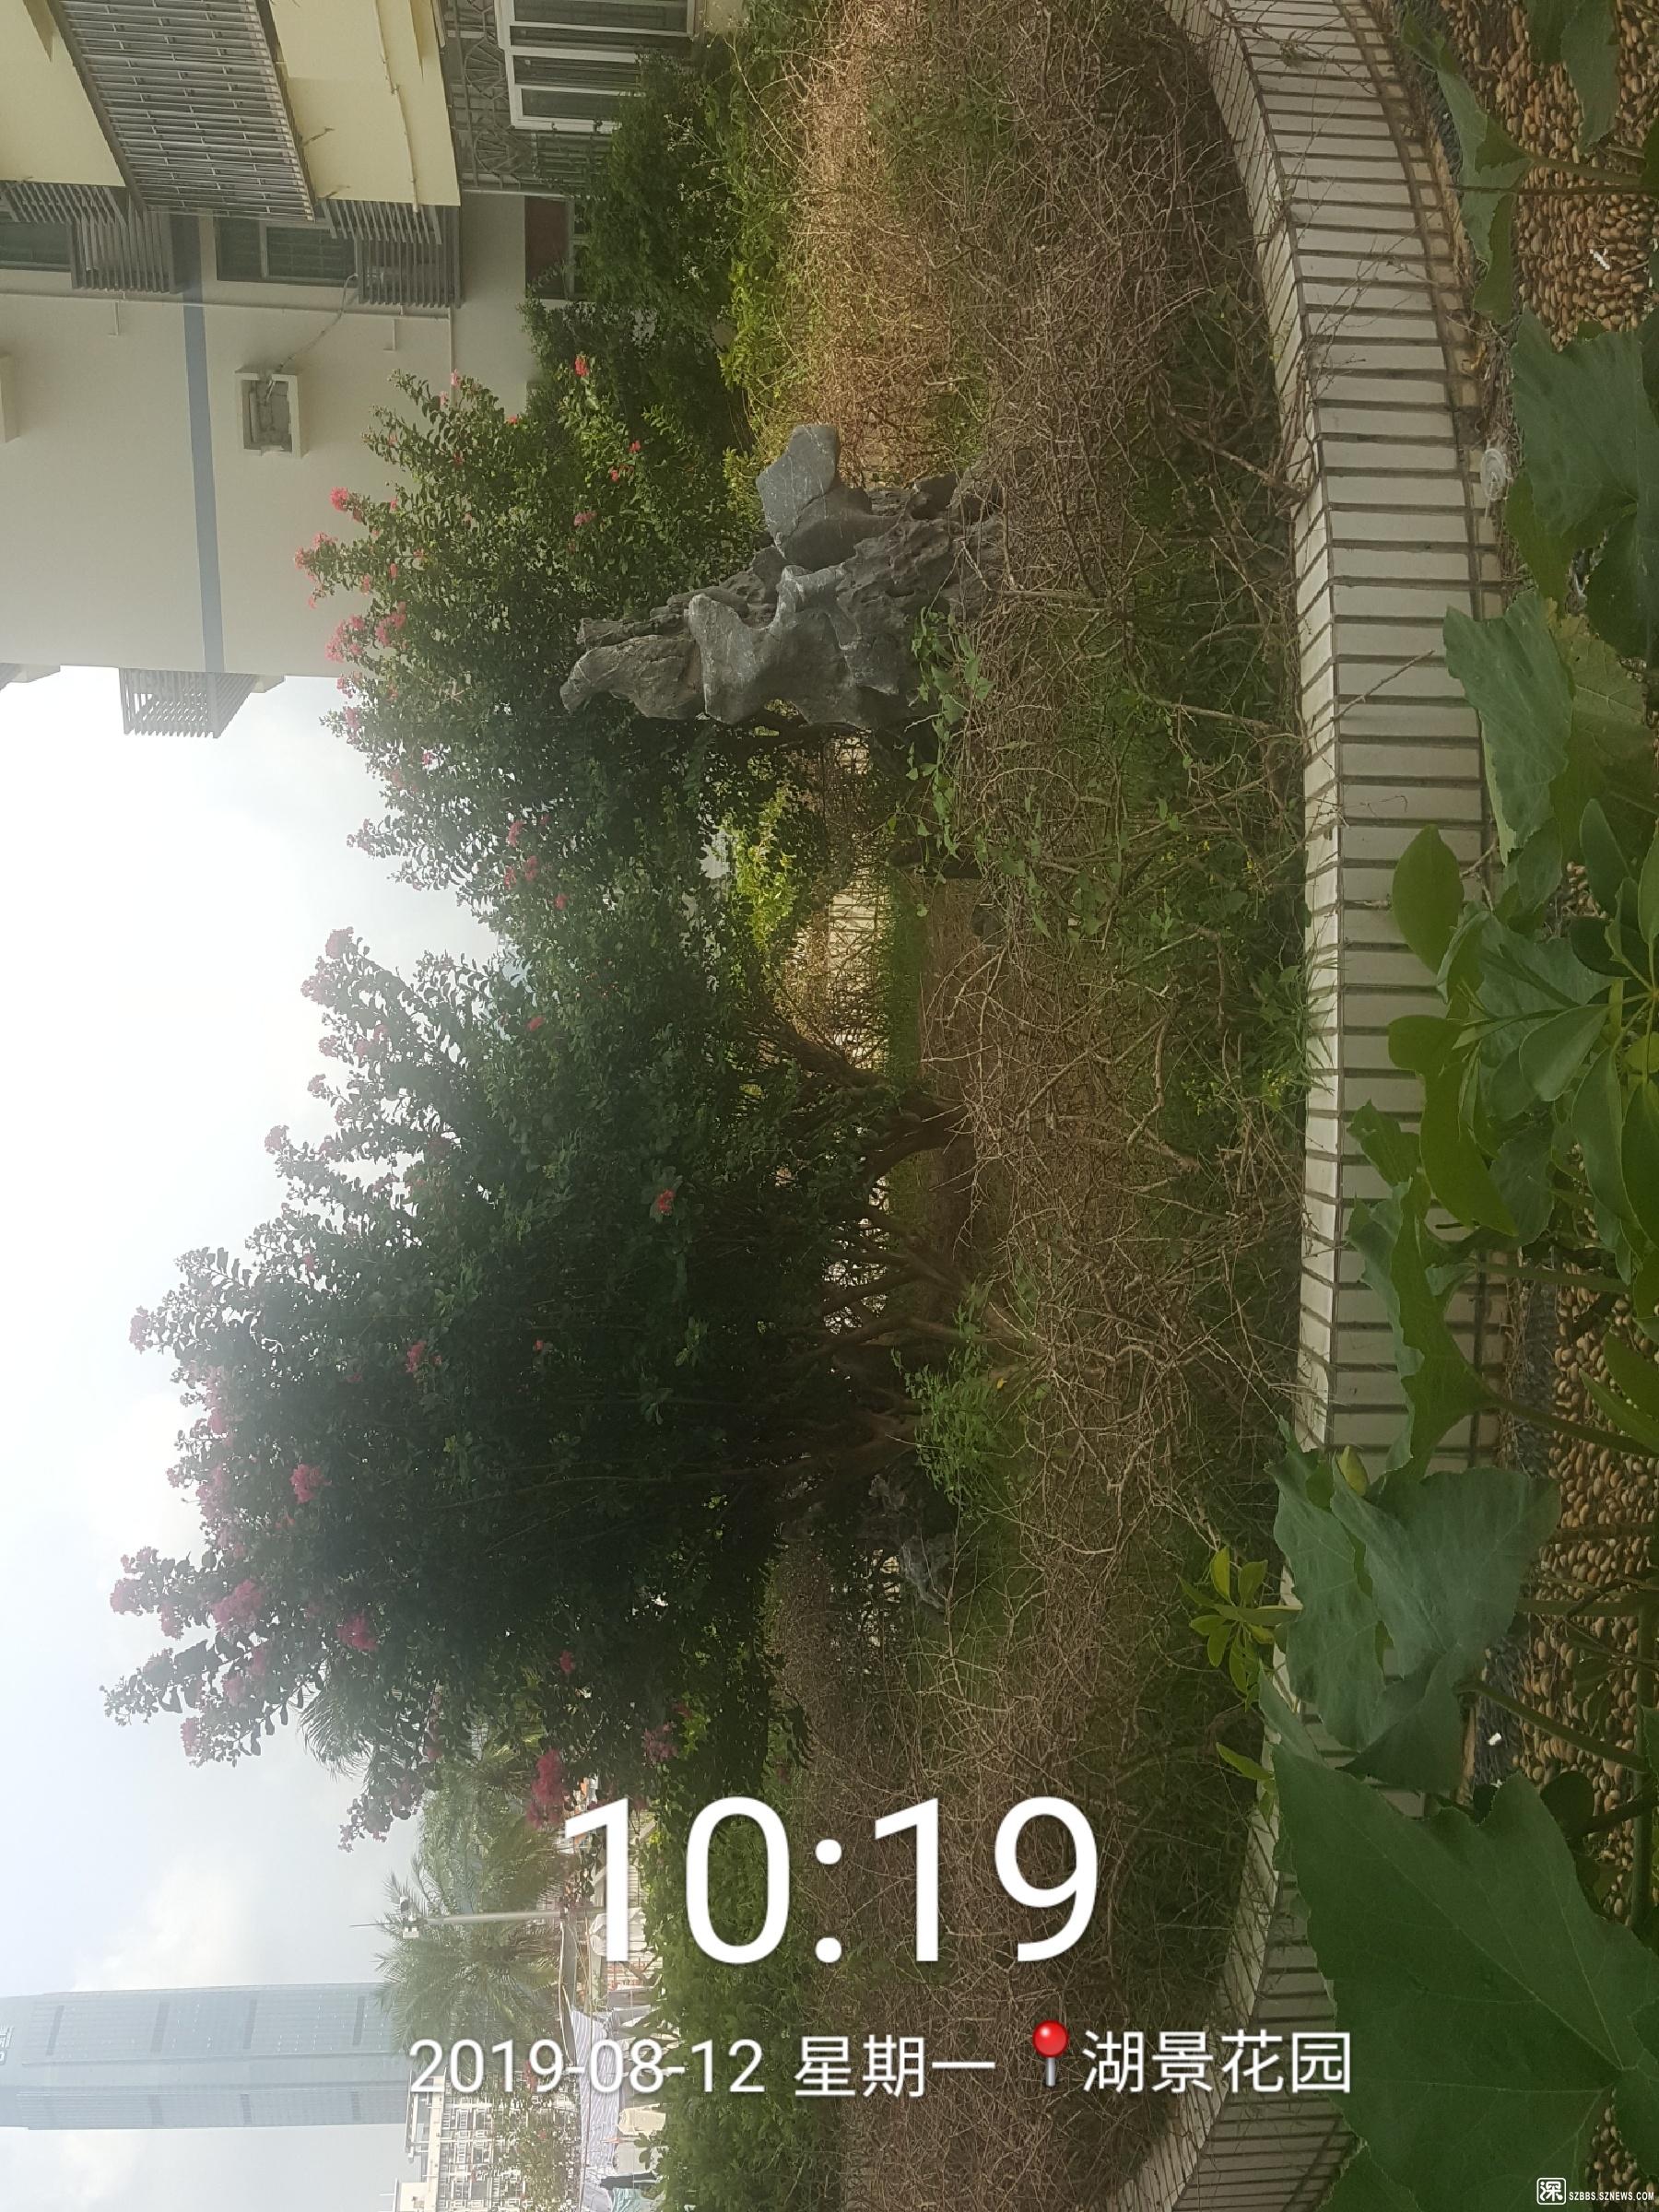 2019_08_12_10_19_07.jpg